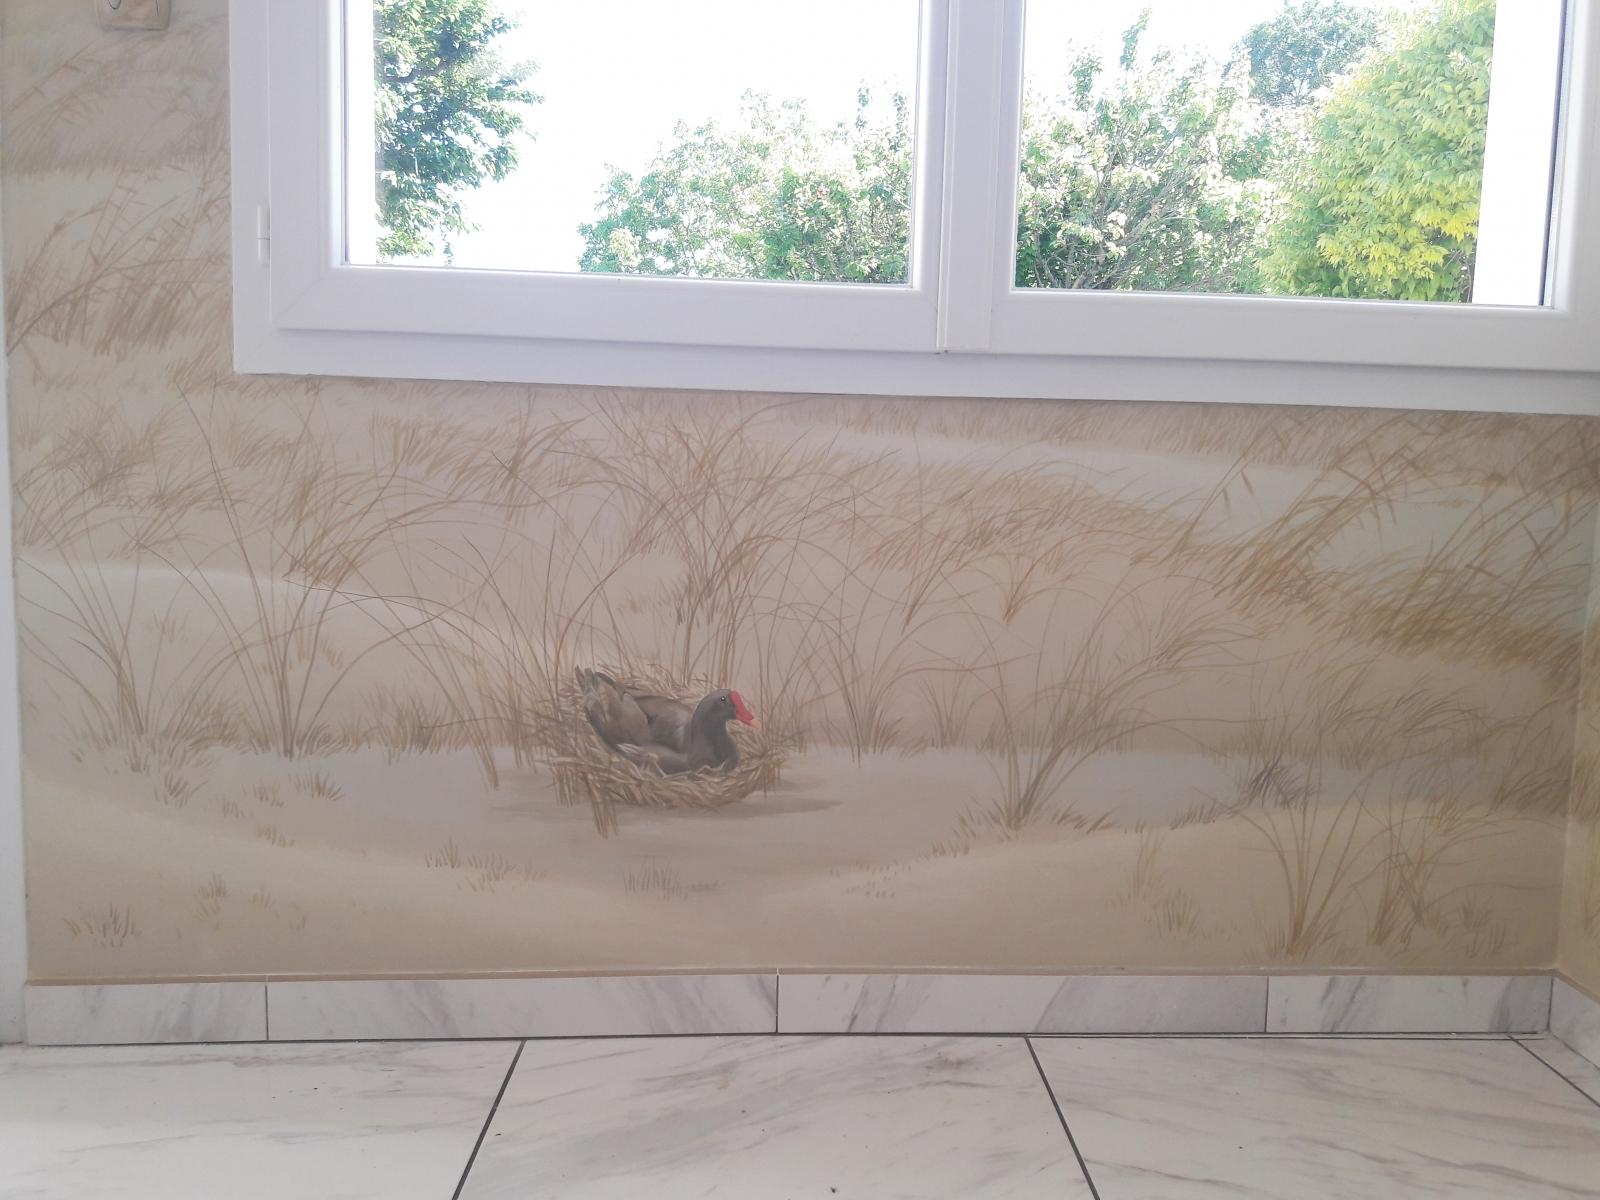 Décor sur toile salon  particulier- fresque en trompe l'oeil